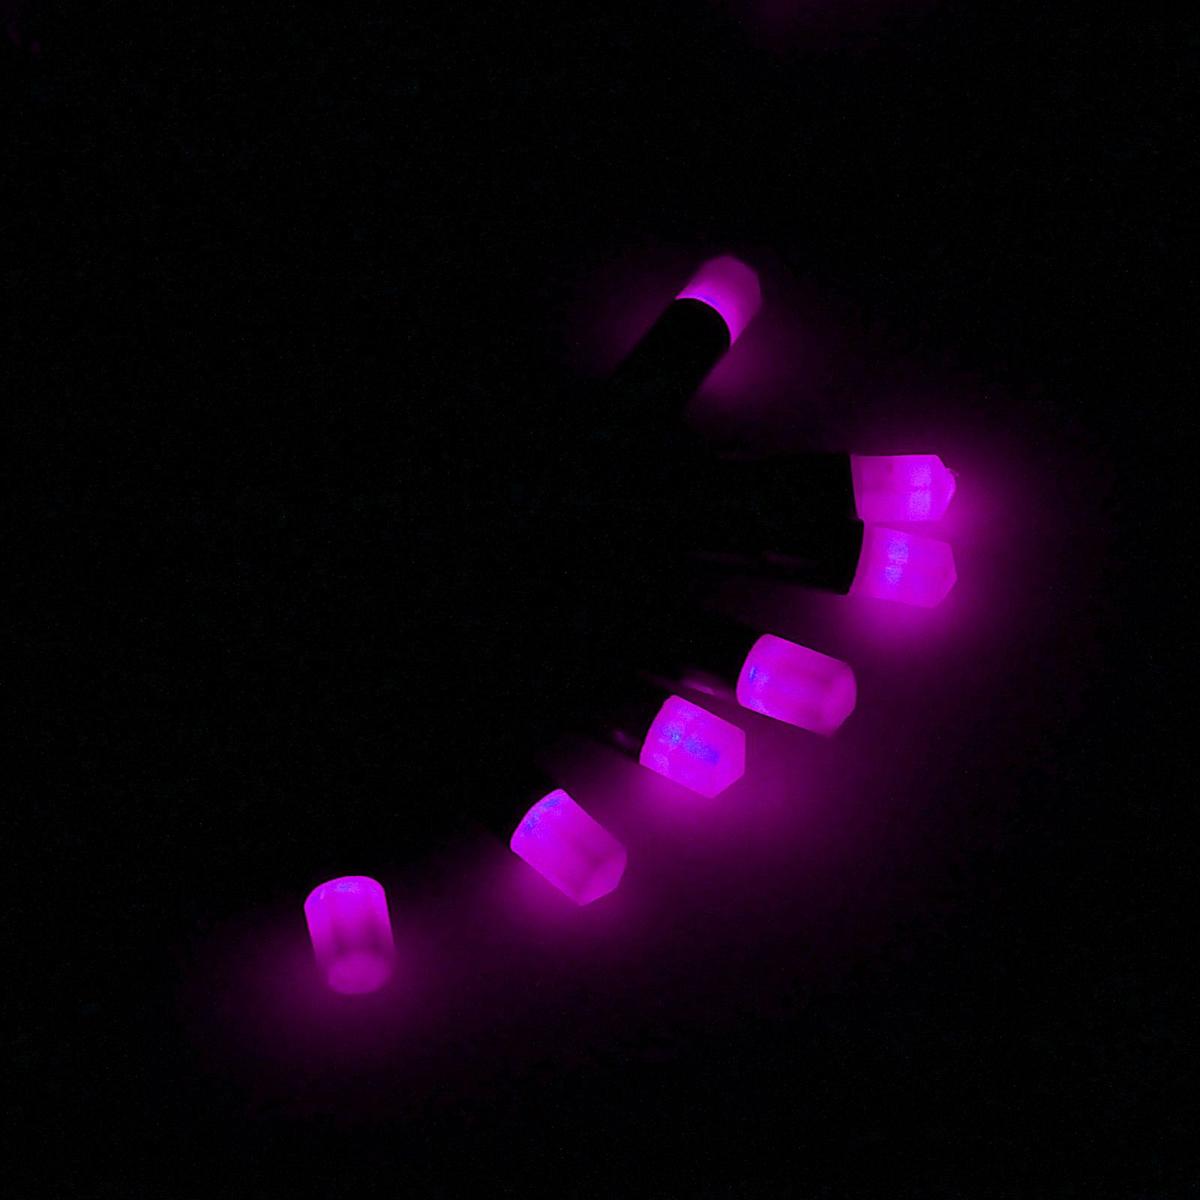 Гирлянда светодиодная Luazon Метраж. Кристаллы, уличная с насадкой, 8 режимов, 40 ламп, 220 V, 5 м, цвет: фиолетовый. 185522185522Светодиодные гирлянды, ленты и т.д. — это отличный вариант для новогоднего оформления интерьера или фасада. С их помощью помещение любого размера можно превратить в праздничный зал, а внешние элементы зданий, украшенные ими, мгновенно станут напоминать очертания сказочного дворца. Такие украшения создают ауру предвкушения чуда. Деревья, фасады, витрины, окна и арки будто специально созданы, чтобы вы украсили их светящимися нитями.